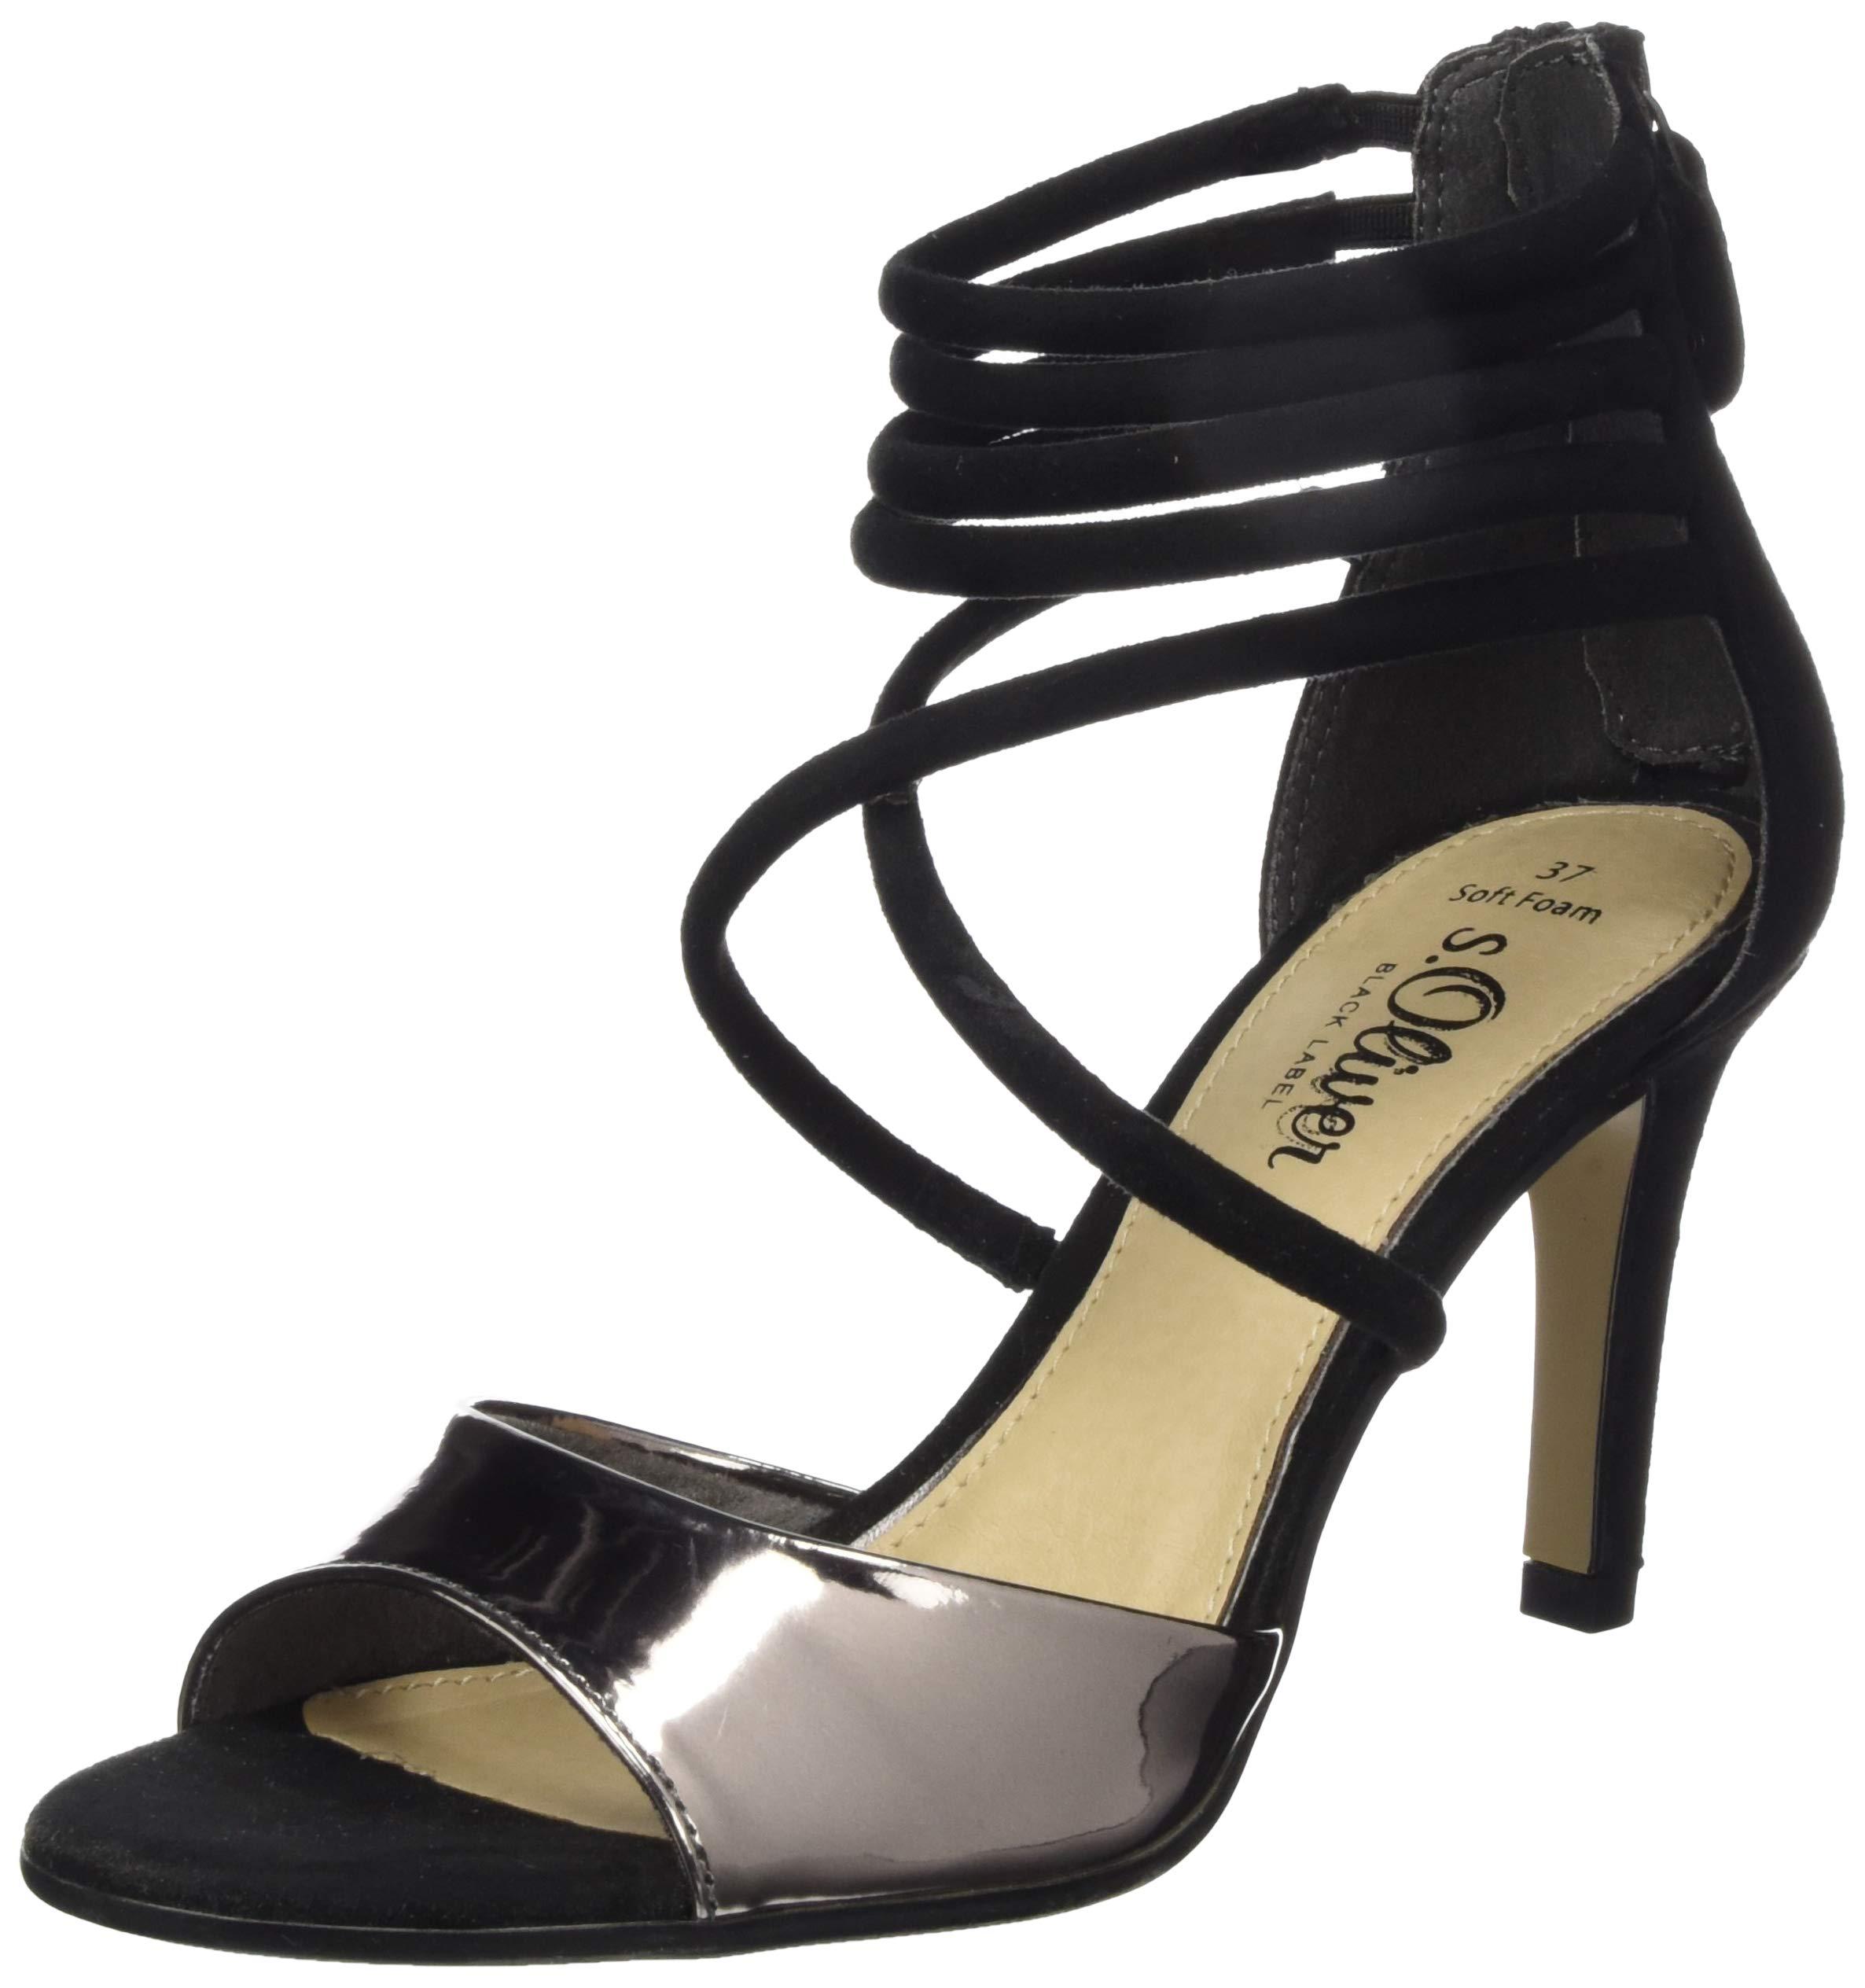 Ecco Damen Shape 65 Block Sandal Offene Toe Sandalen, Schwarz (1001BLACK), 39 EU